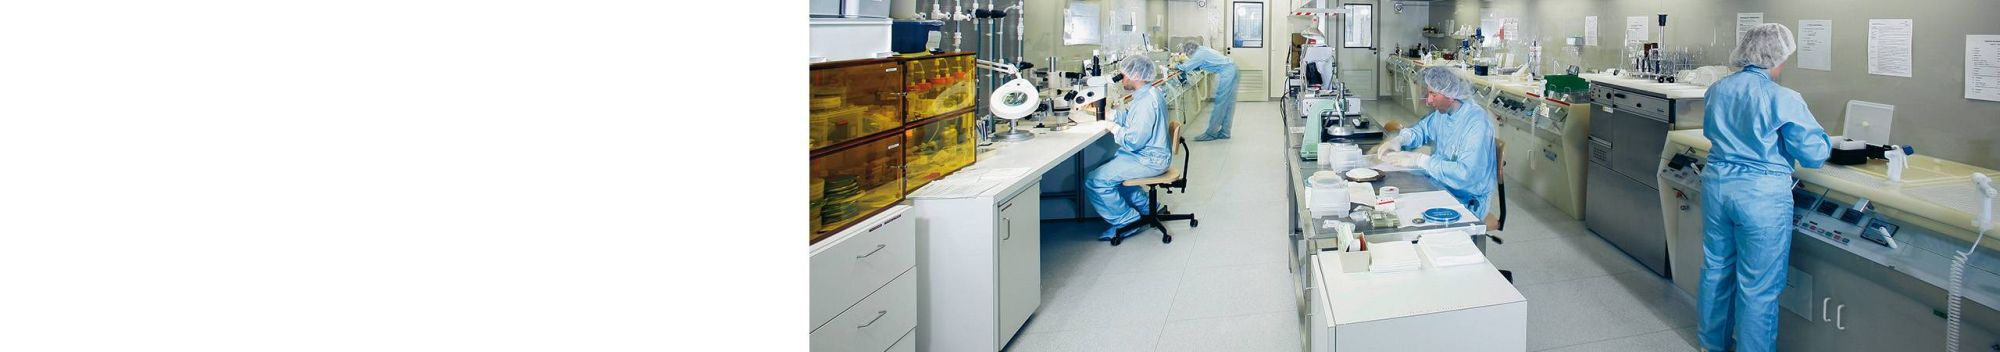 实验室温湿度监测